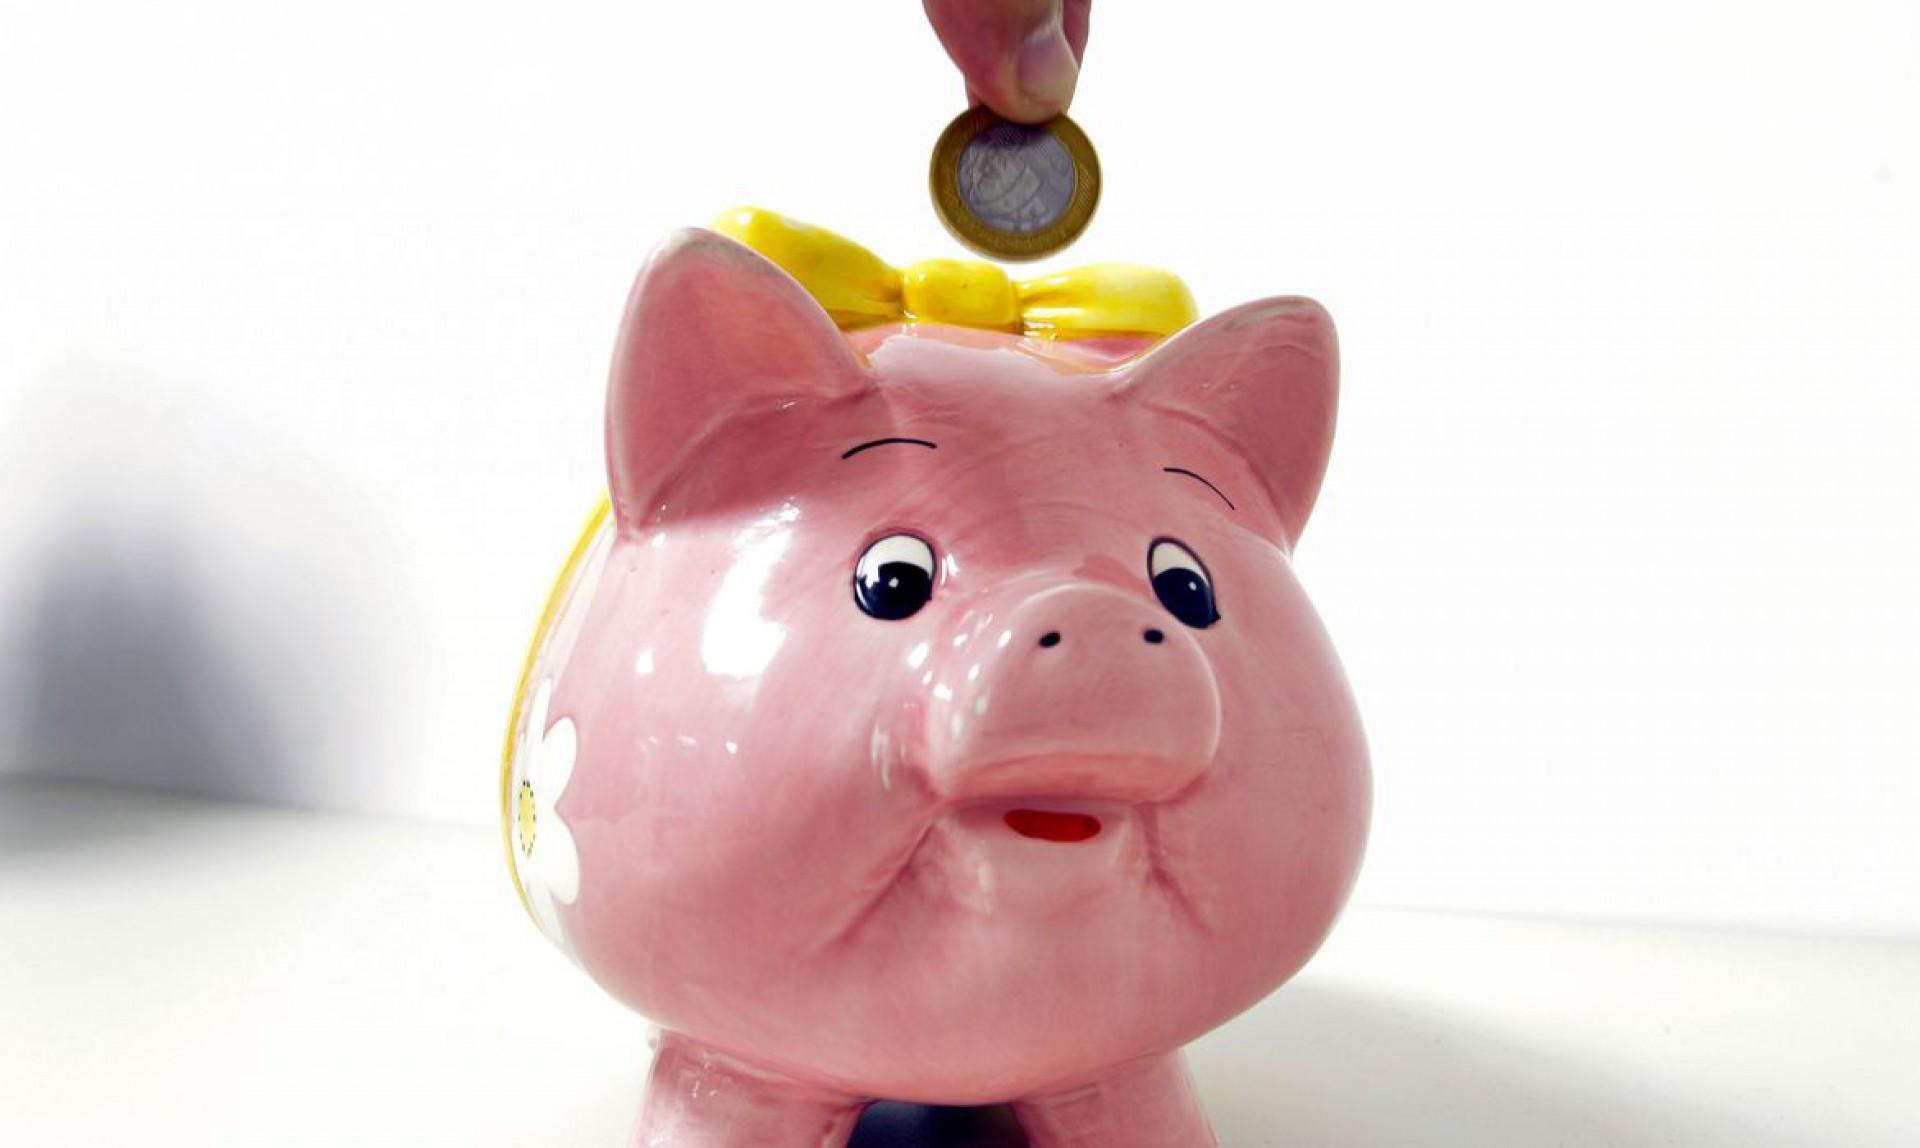 Descubra como é possível escolher a opção de conta bancária sem pagar taxa mensal